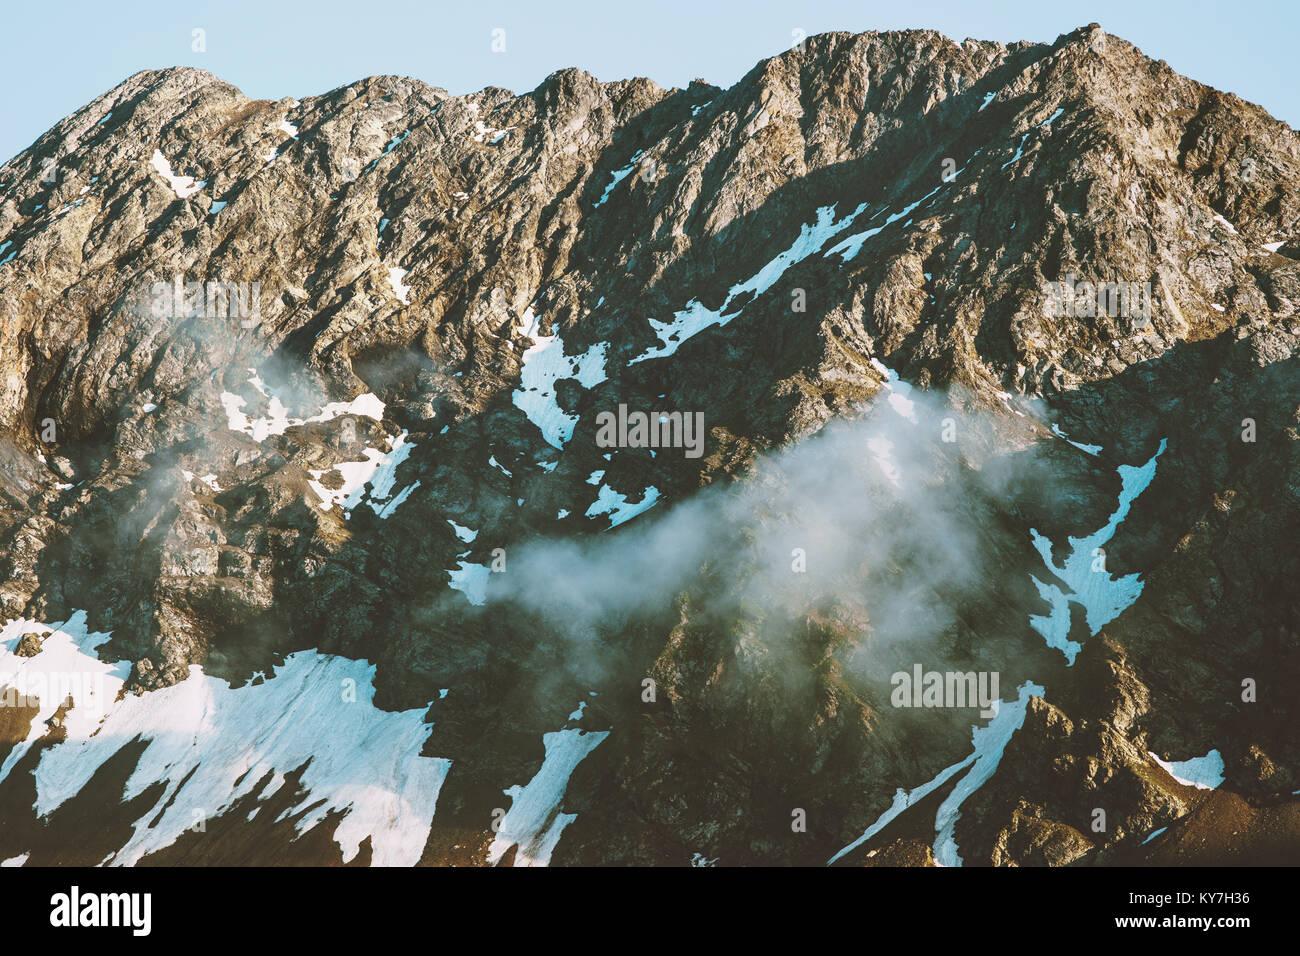 Montagnes Rocheuses et les nuages vue aérienne paysage été voyage nature sauvage de beaux paysages Photo Stock